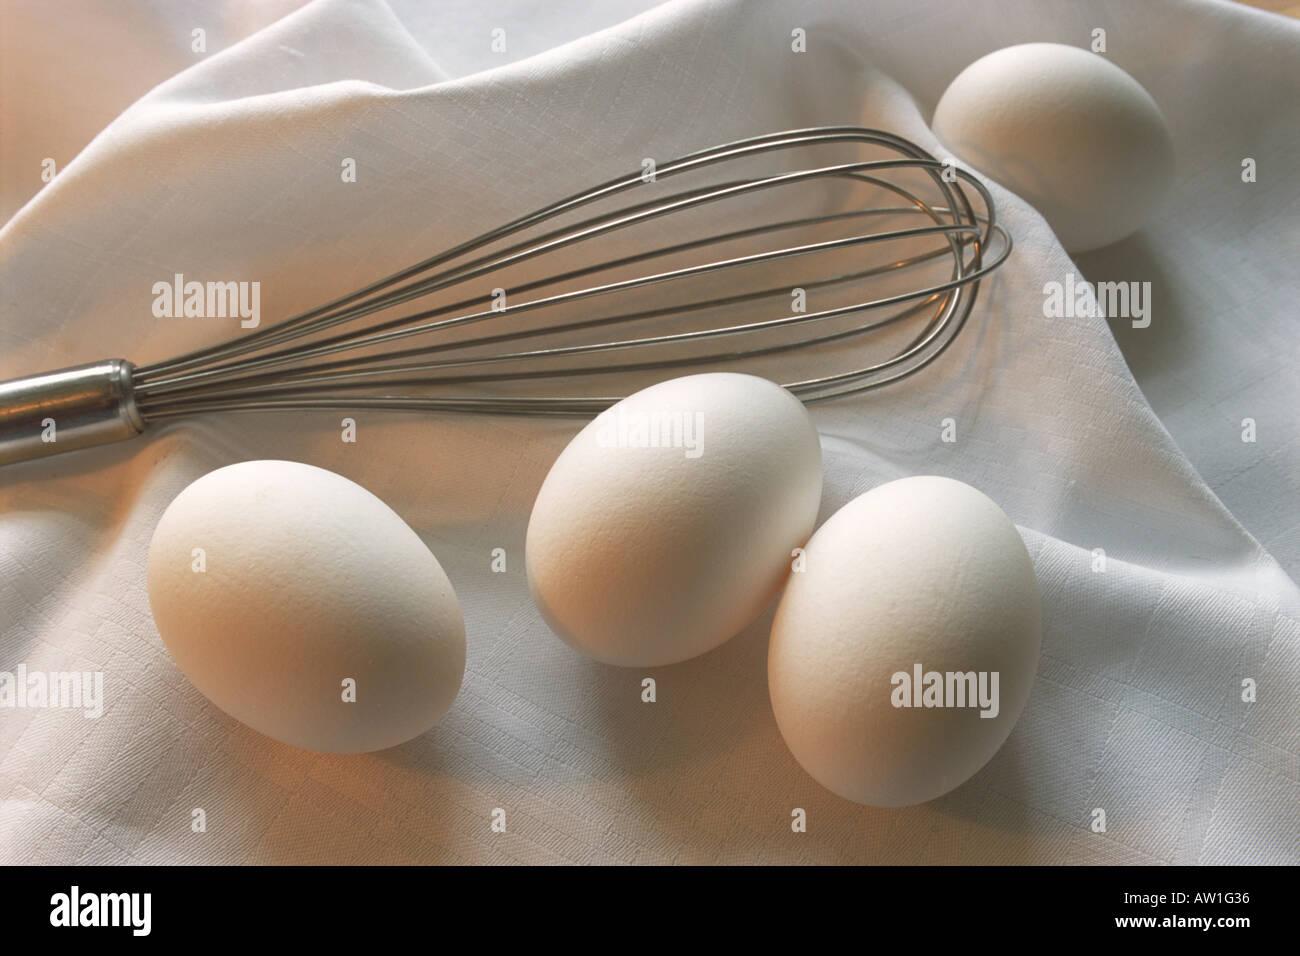 Still life de bata con huevos de gallina sobre un paño blanco en la cocina Imagen De Stock